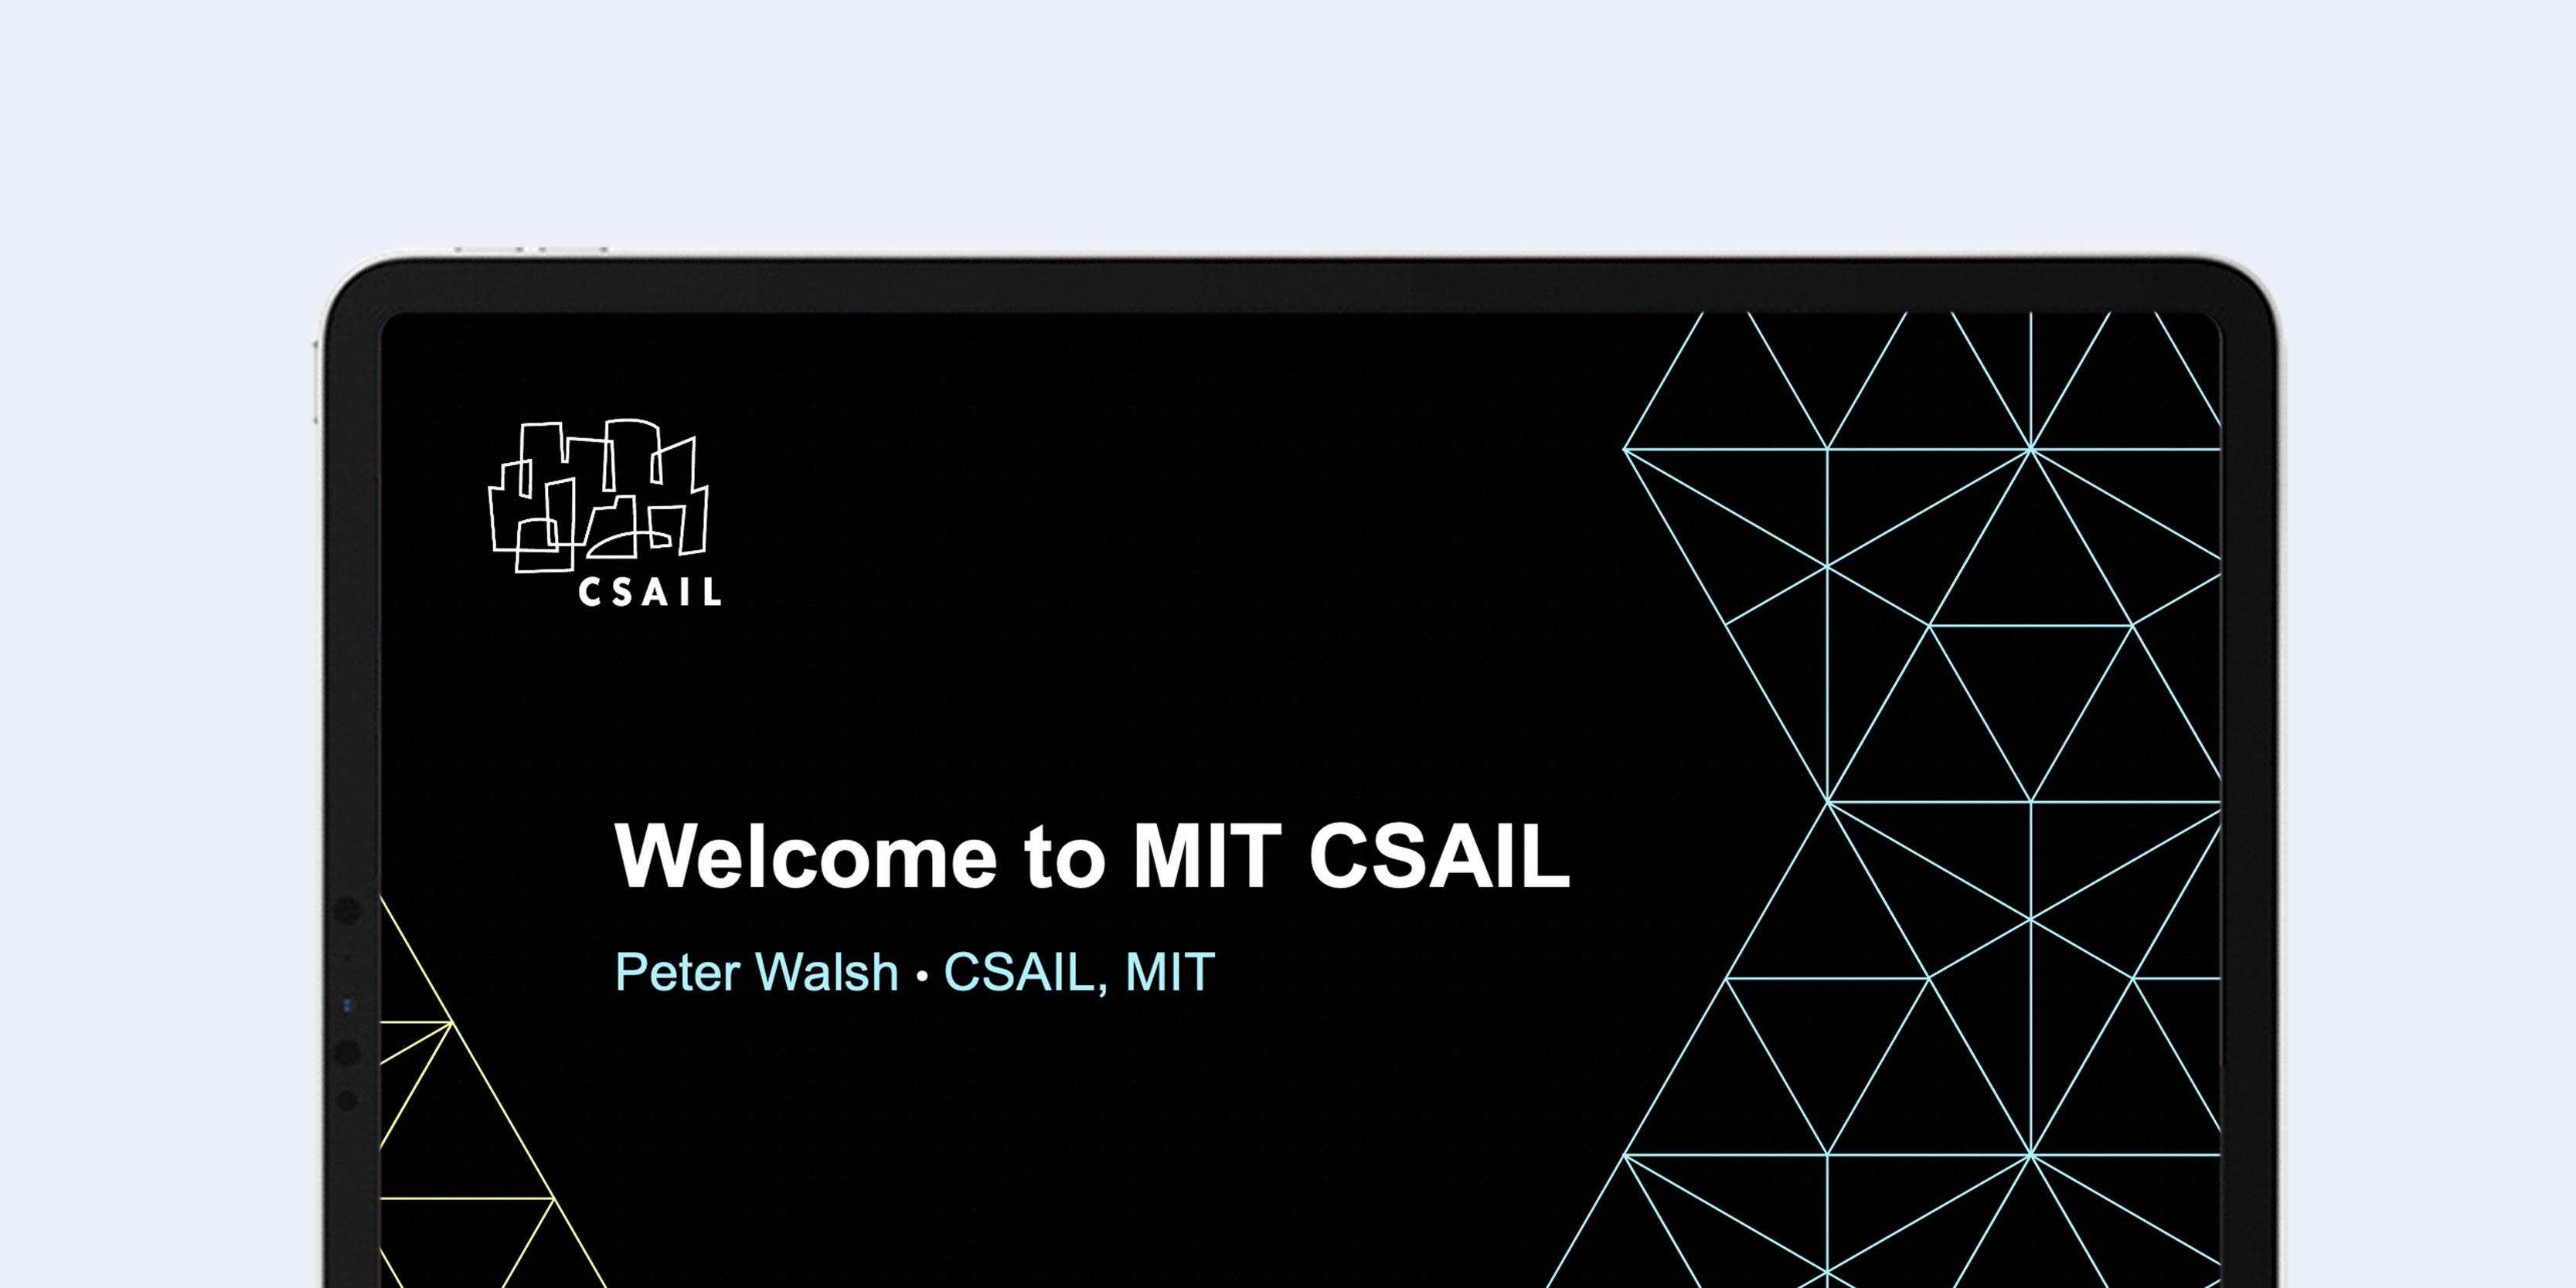 MIT CSAIL presentation design